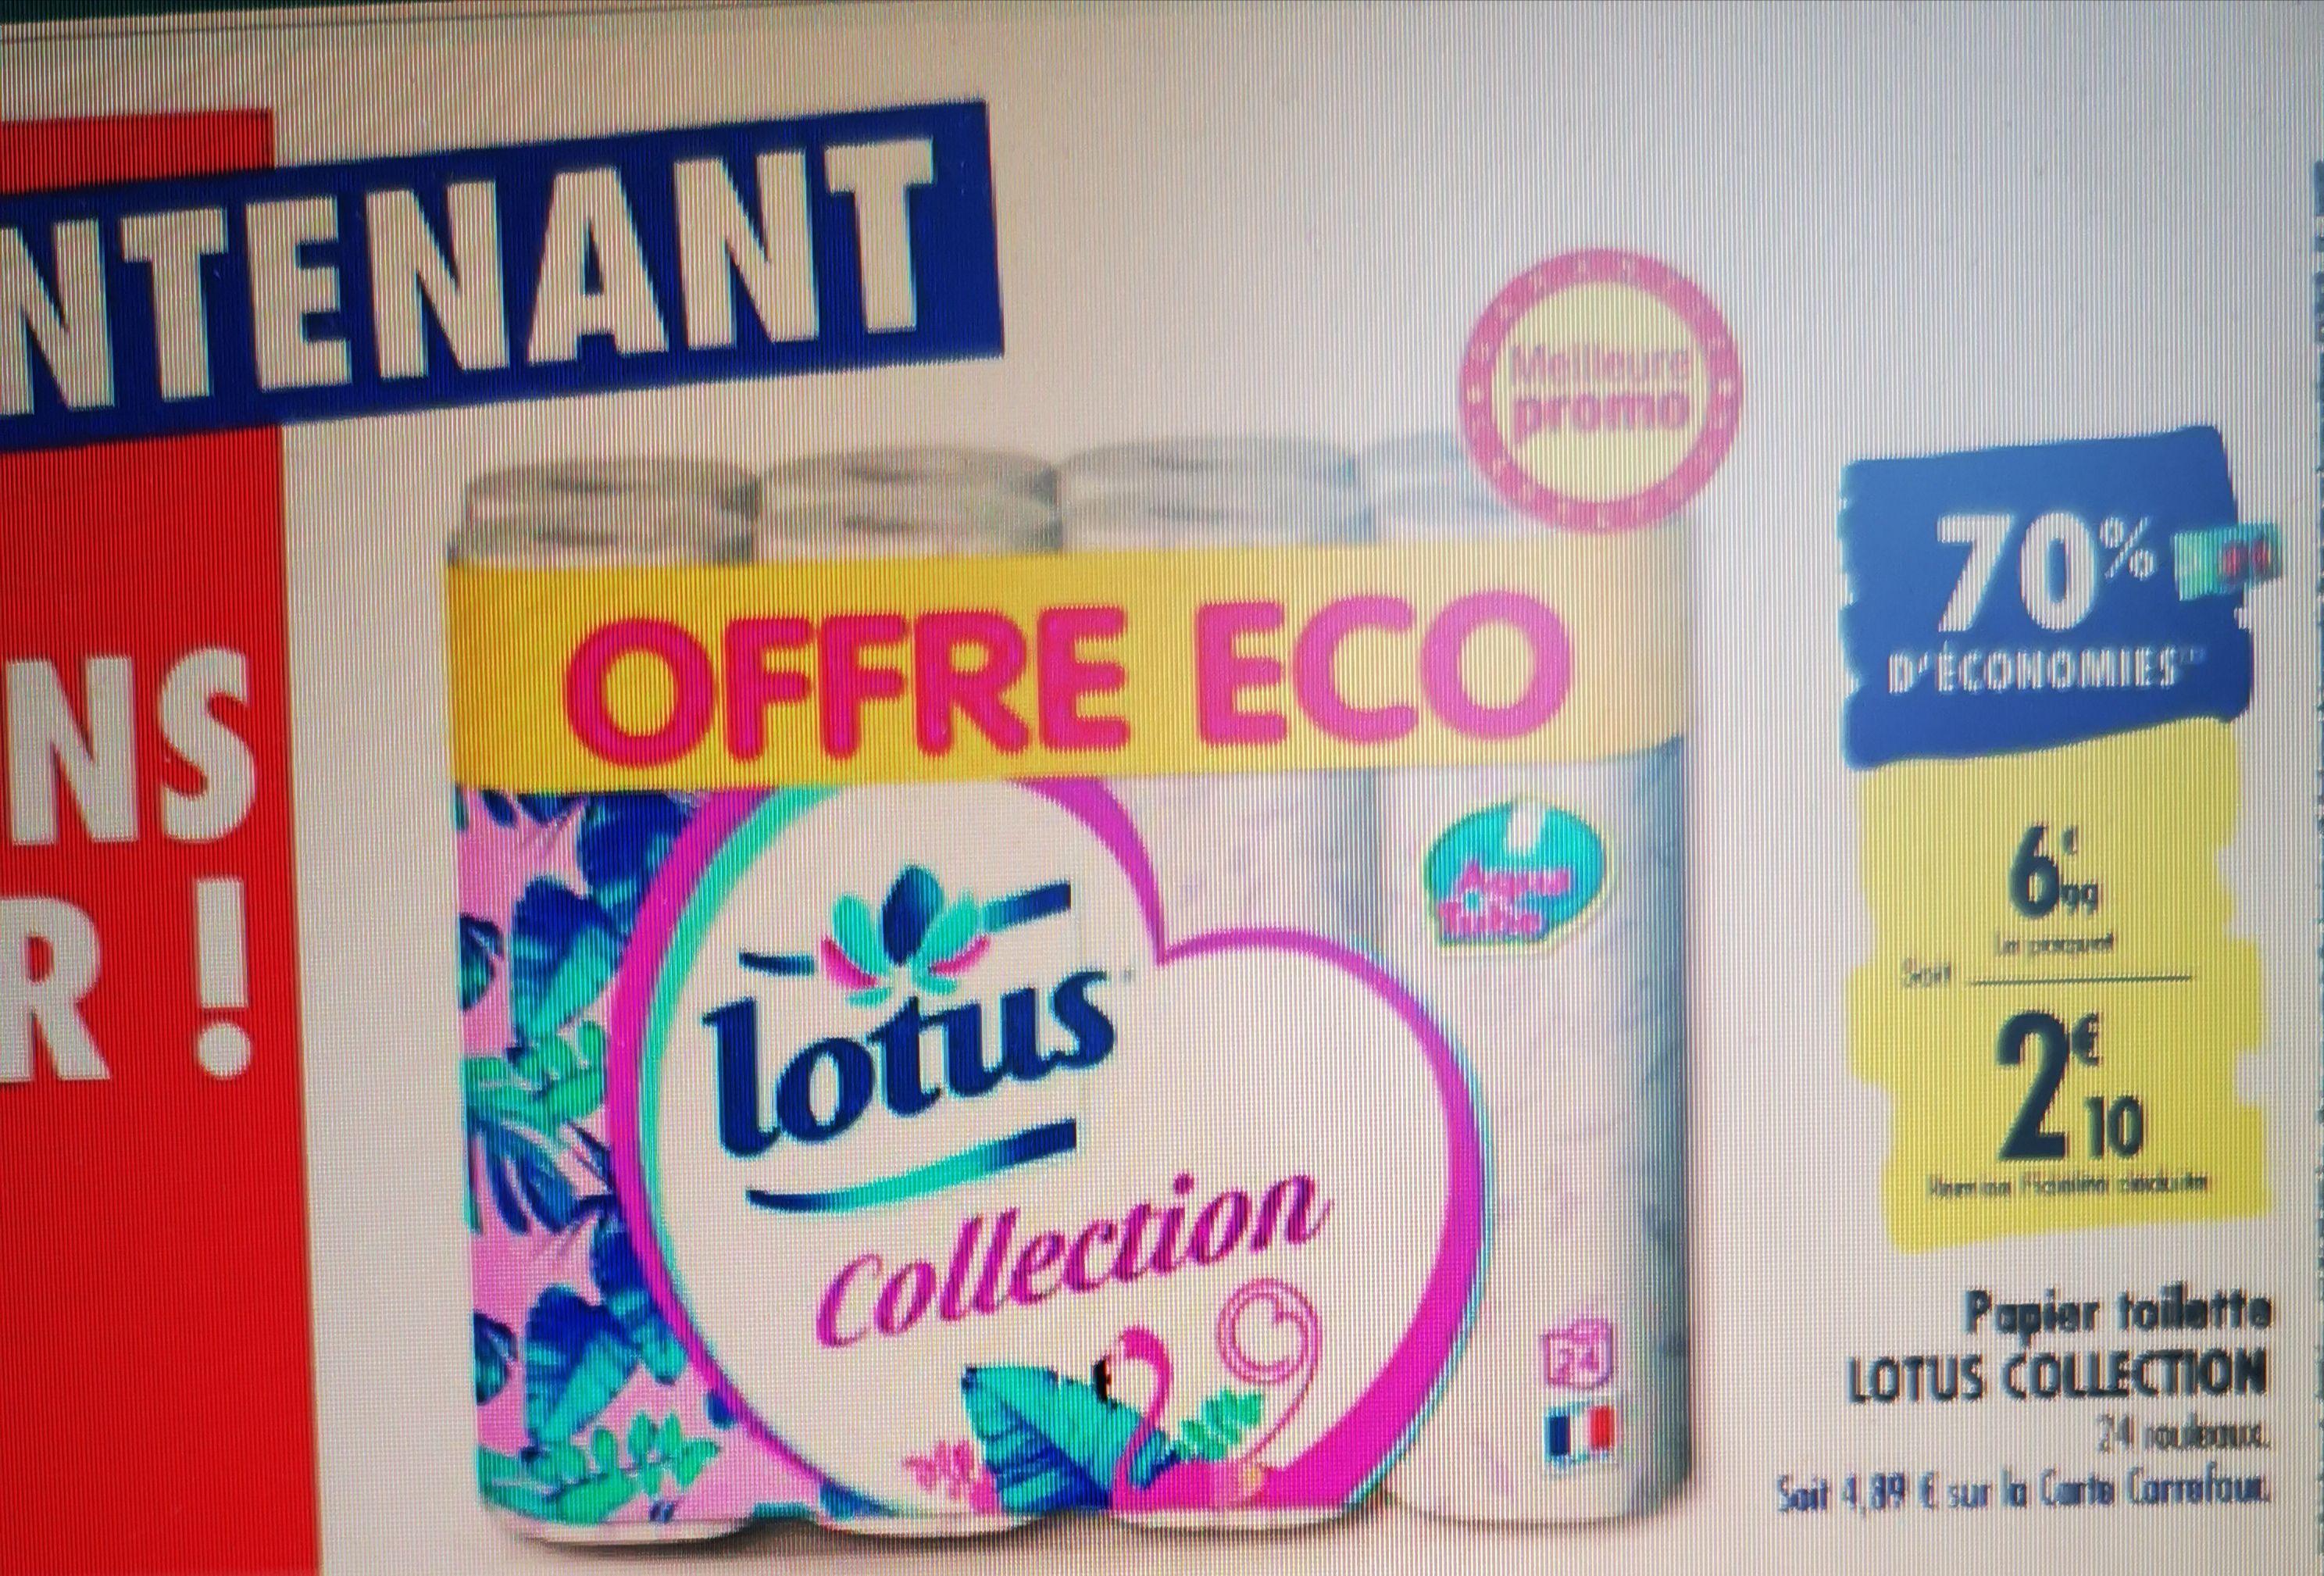 Paquet de 24 rouleaux de papier-toilette Lotus Collection (via 4.89€ sur la carte de fidélité)